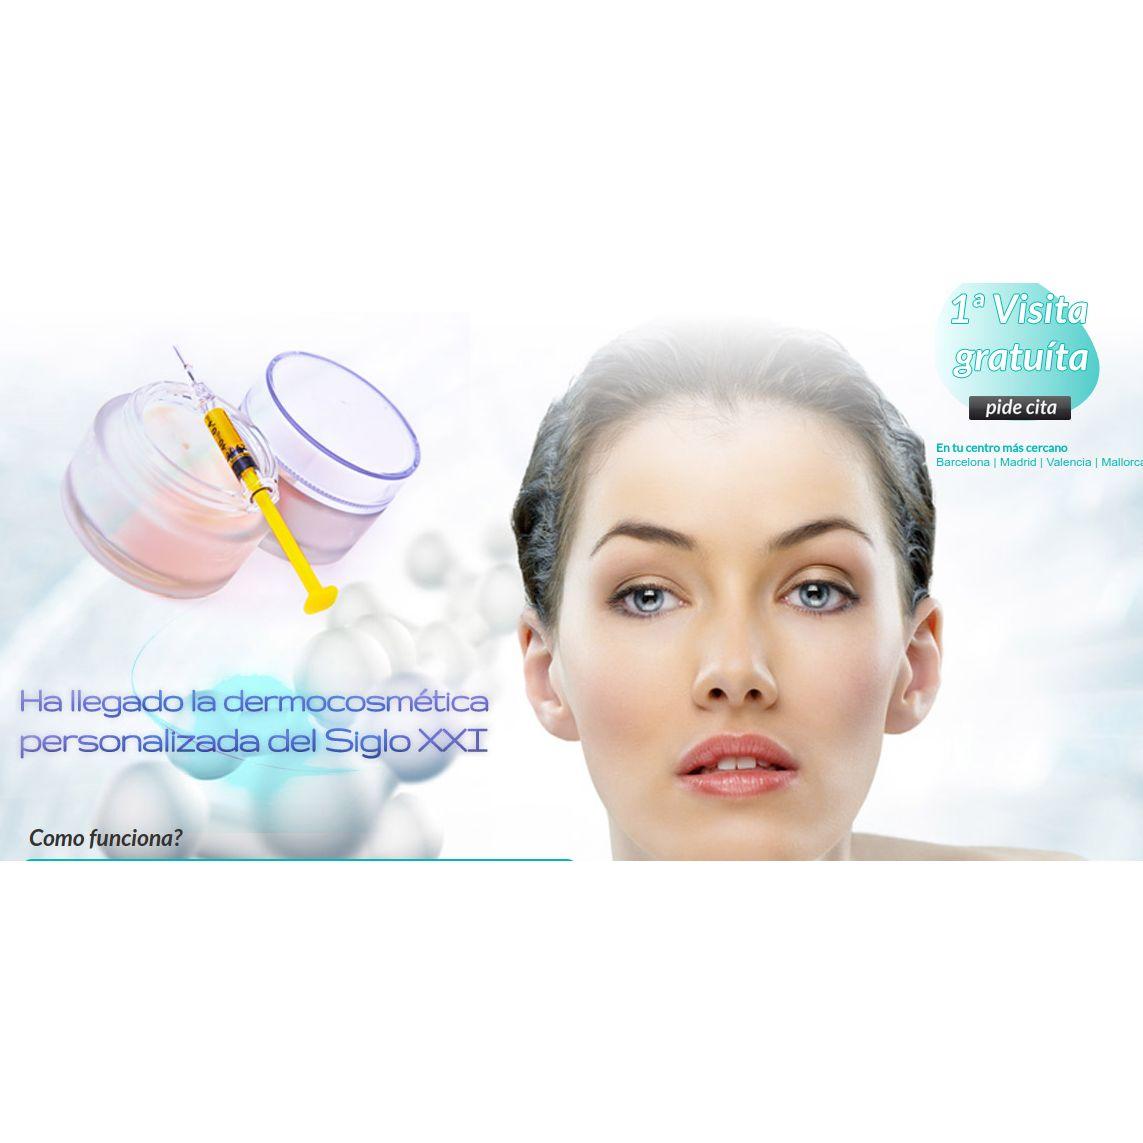 Dermocosmética personalizada: Servicios de Clínica Vicario